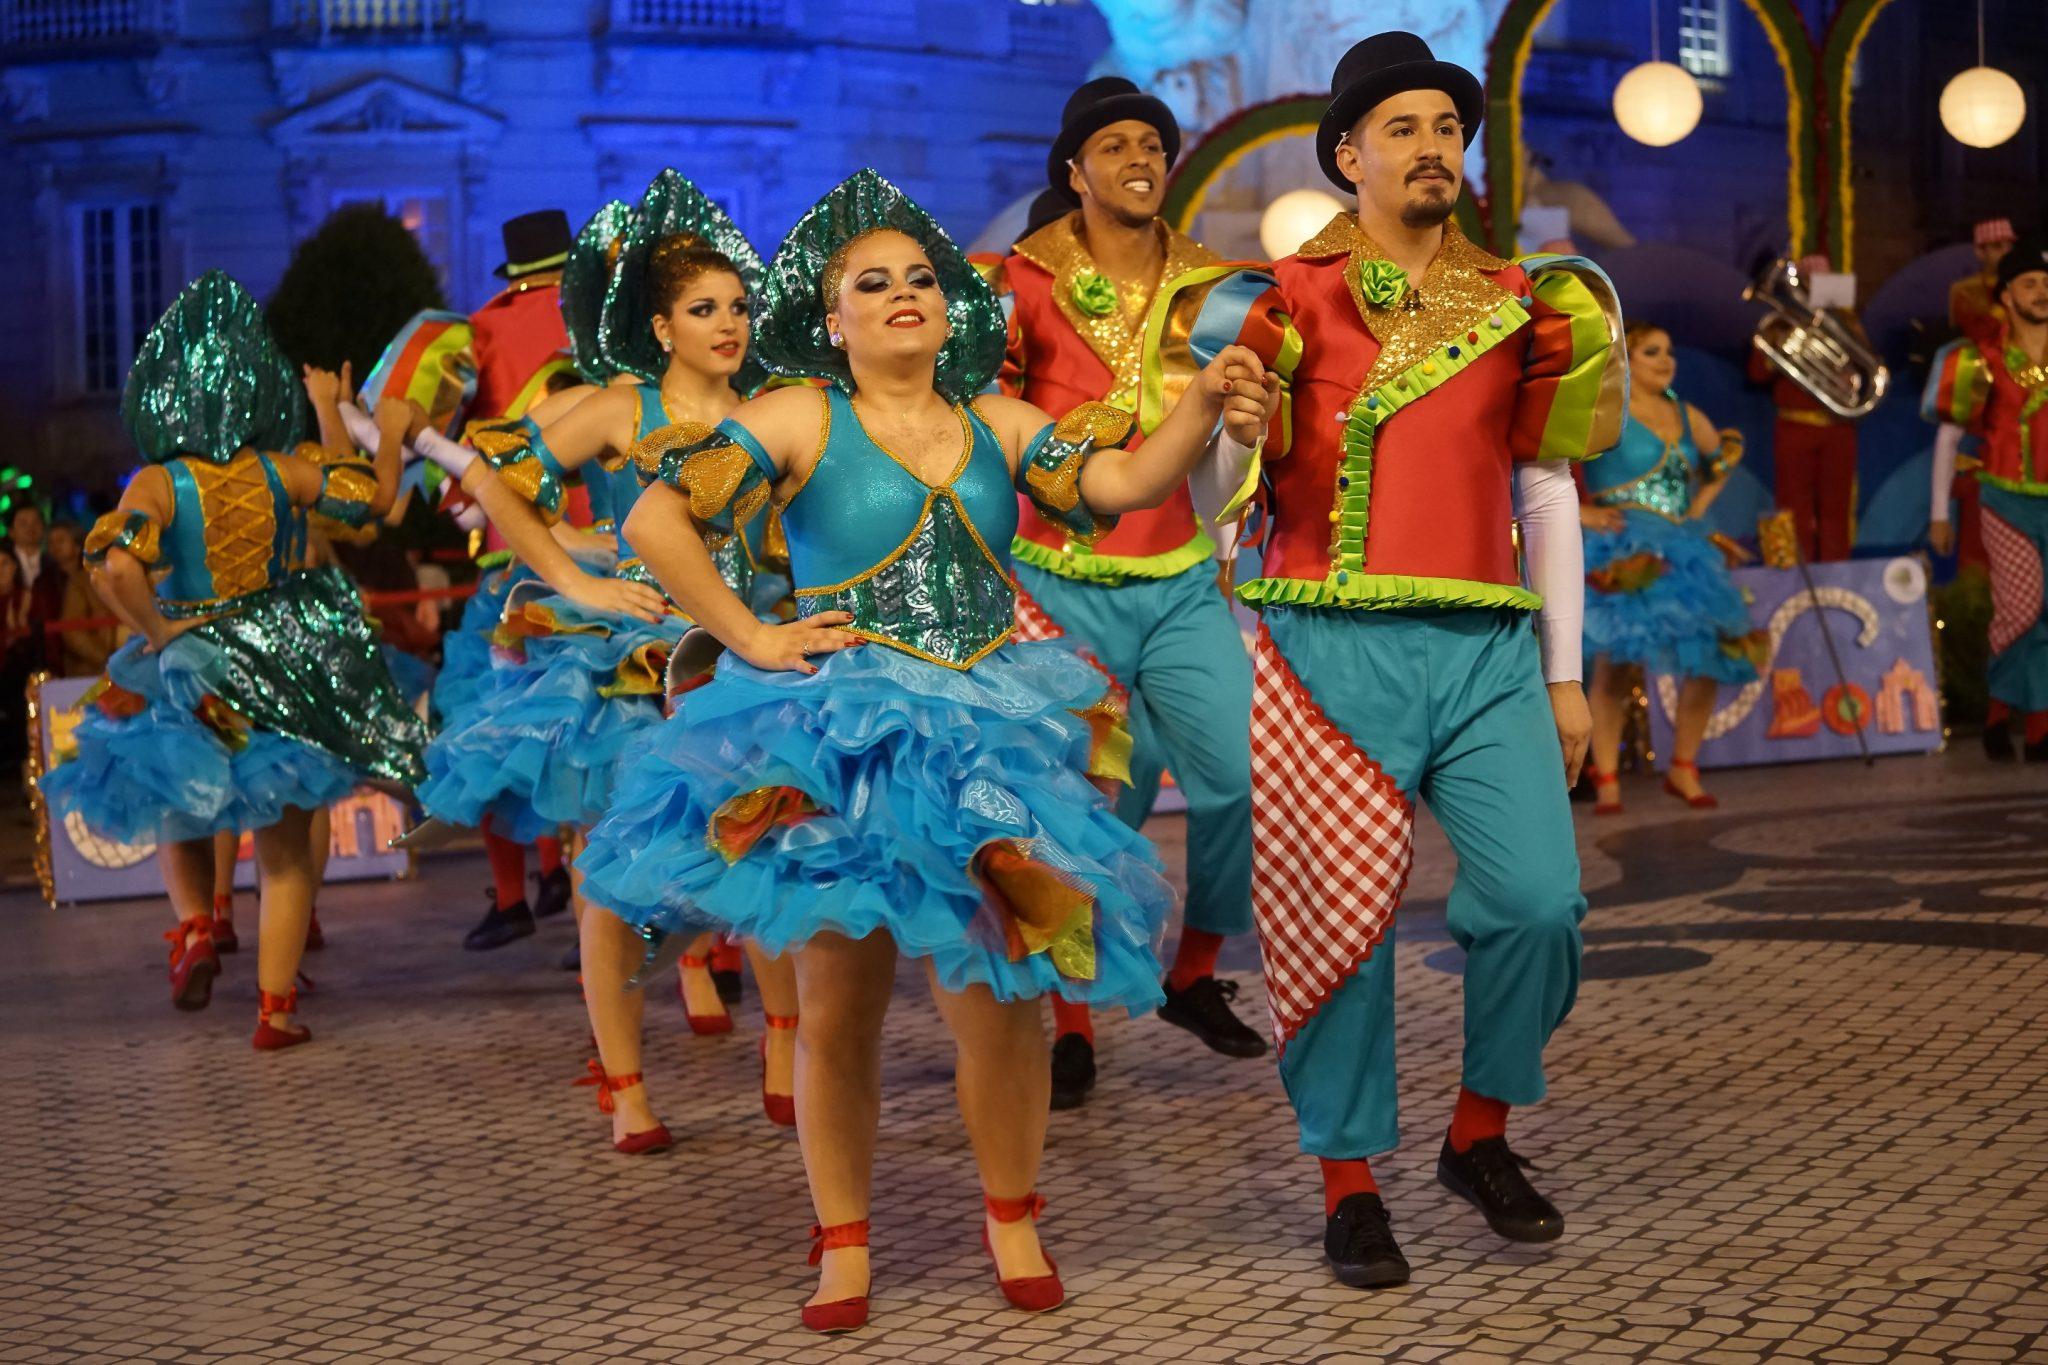 De frente para o observador, um par composto por um homem e mulher dançam lado a lado com as mãos dadas. Ela está vestida com um vestido azul e ele com um casaco vermelho e umas calças azuis. Atrás deles, em segundo plano, outros casais com a mesma roupa, marcham da mesma forma.